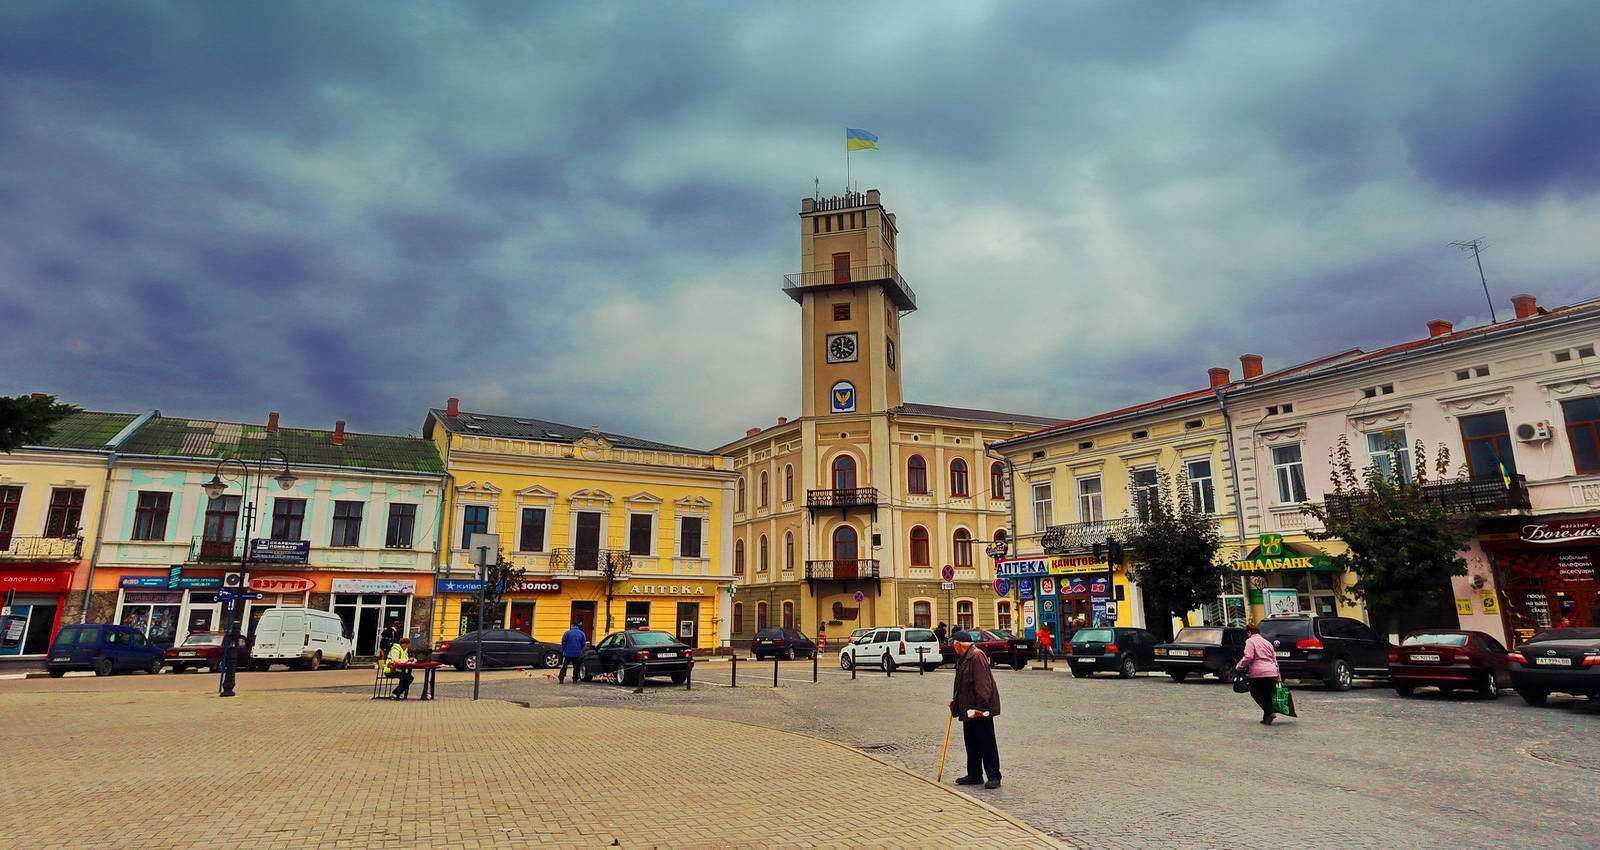 Відремонтовані лікарні, дороги, дитячі садочки: у Коломиї обговорили досягнення району за три роки